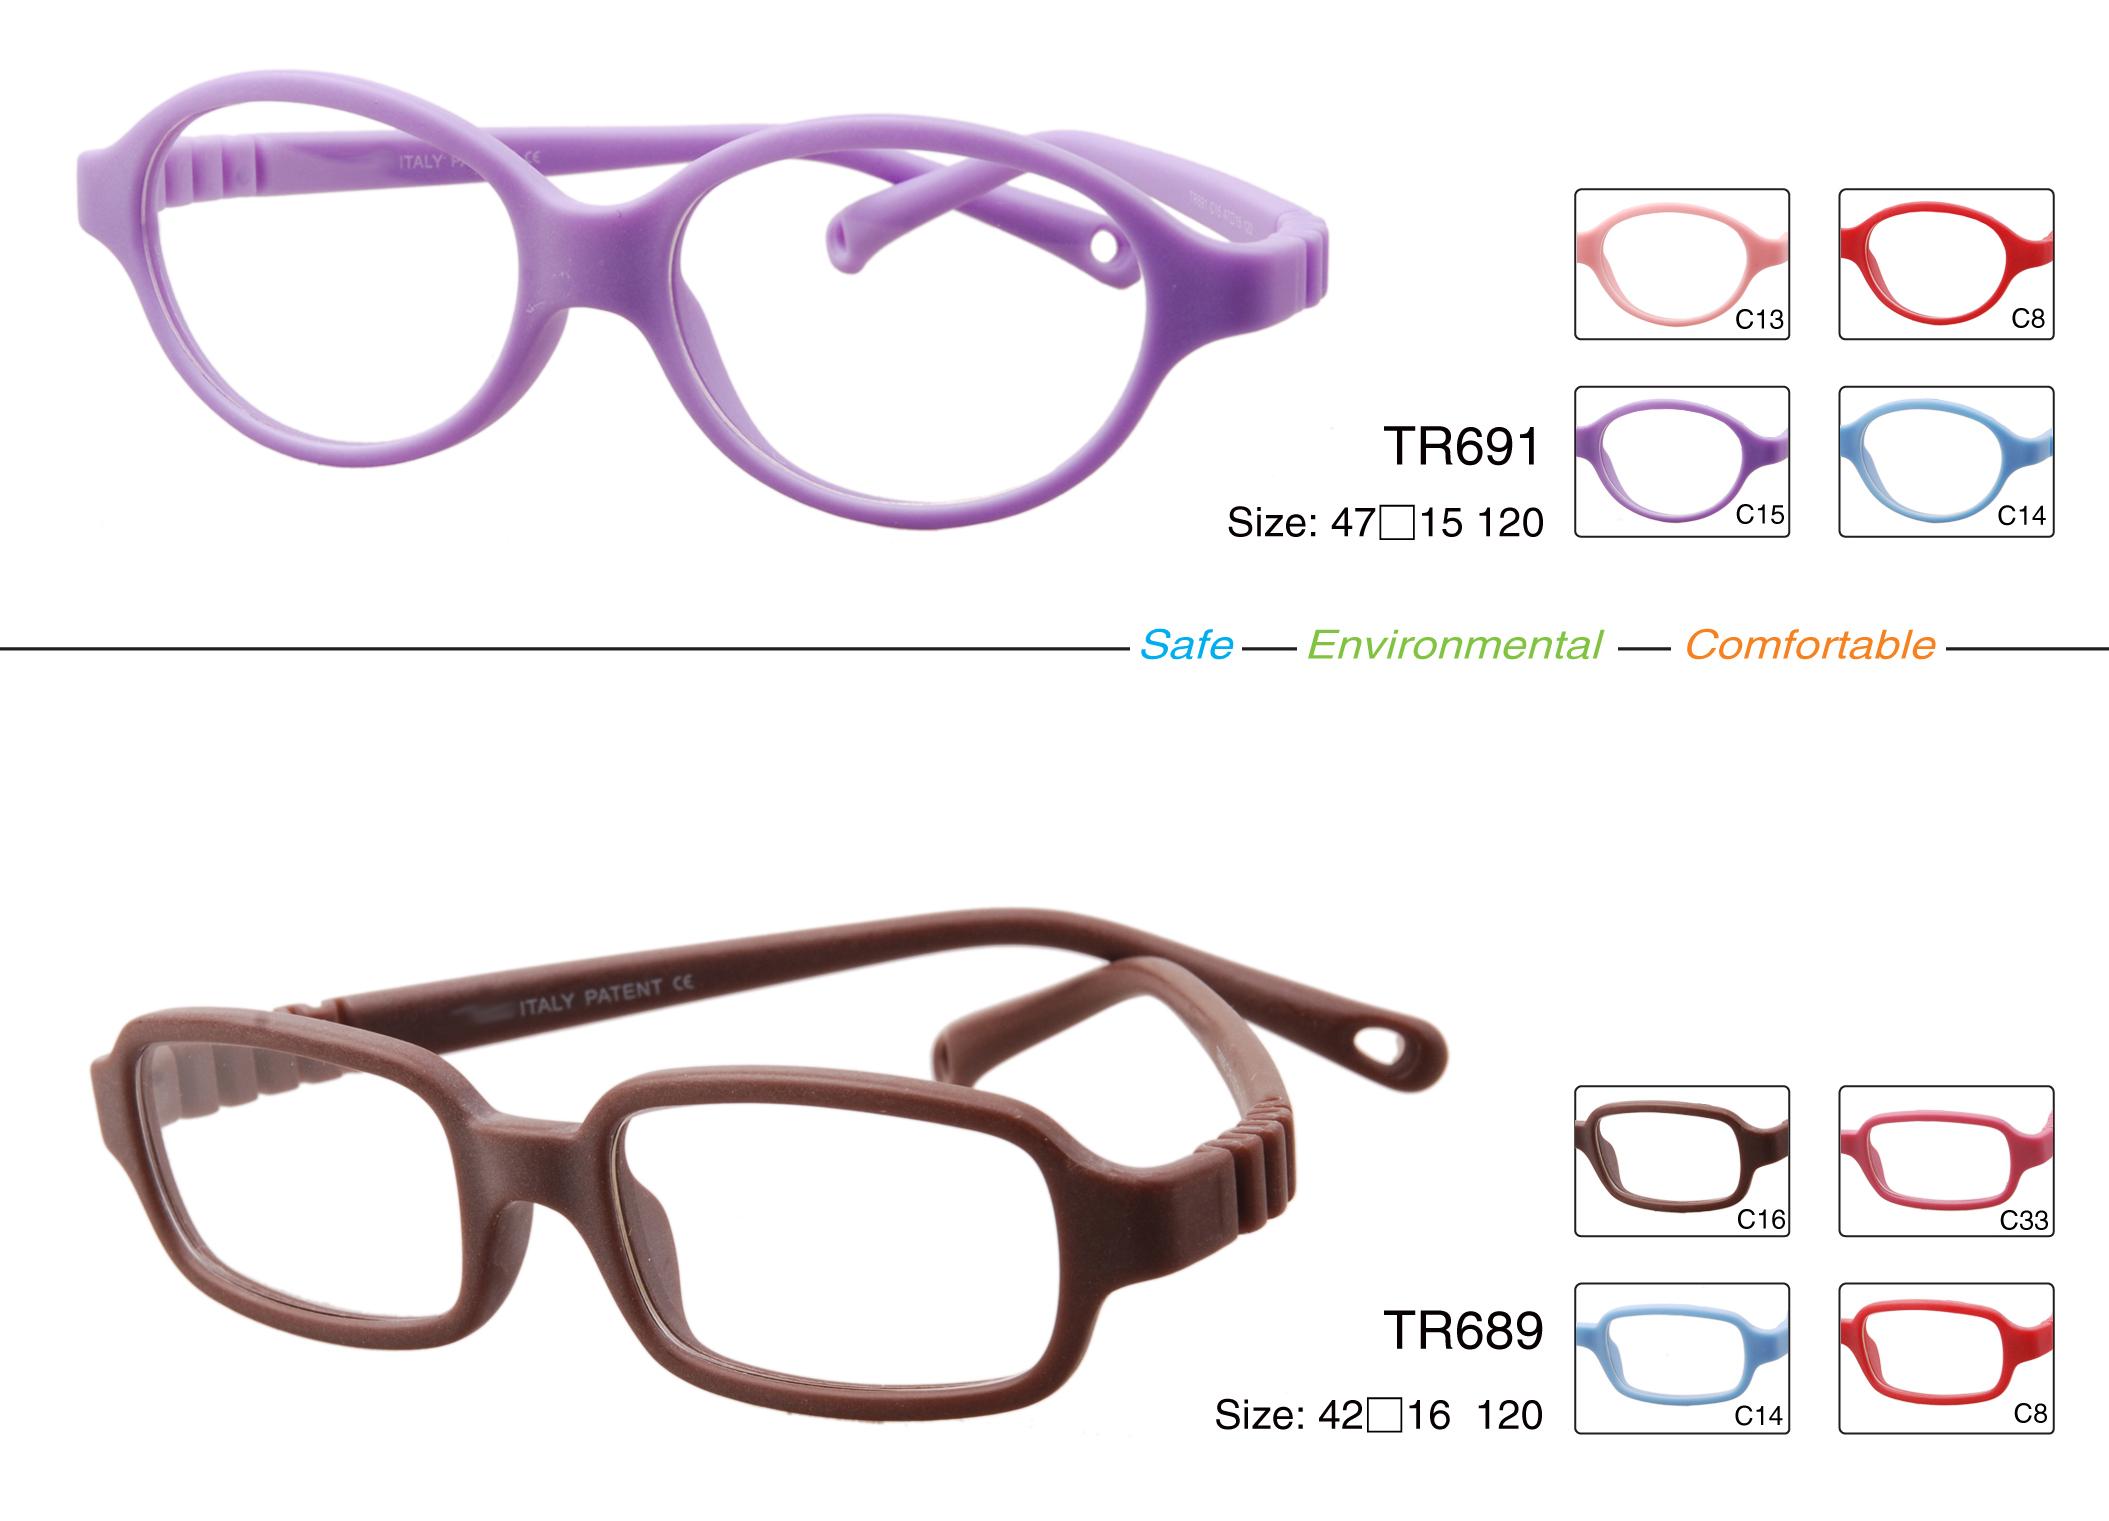 szemüveg árak versek látásának javítására szolgáló gyakorlatok